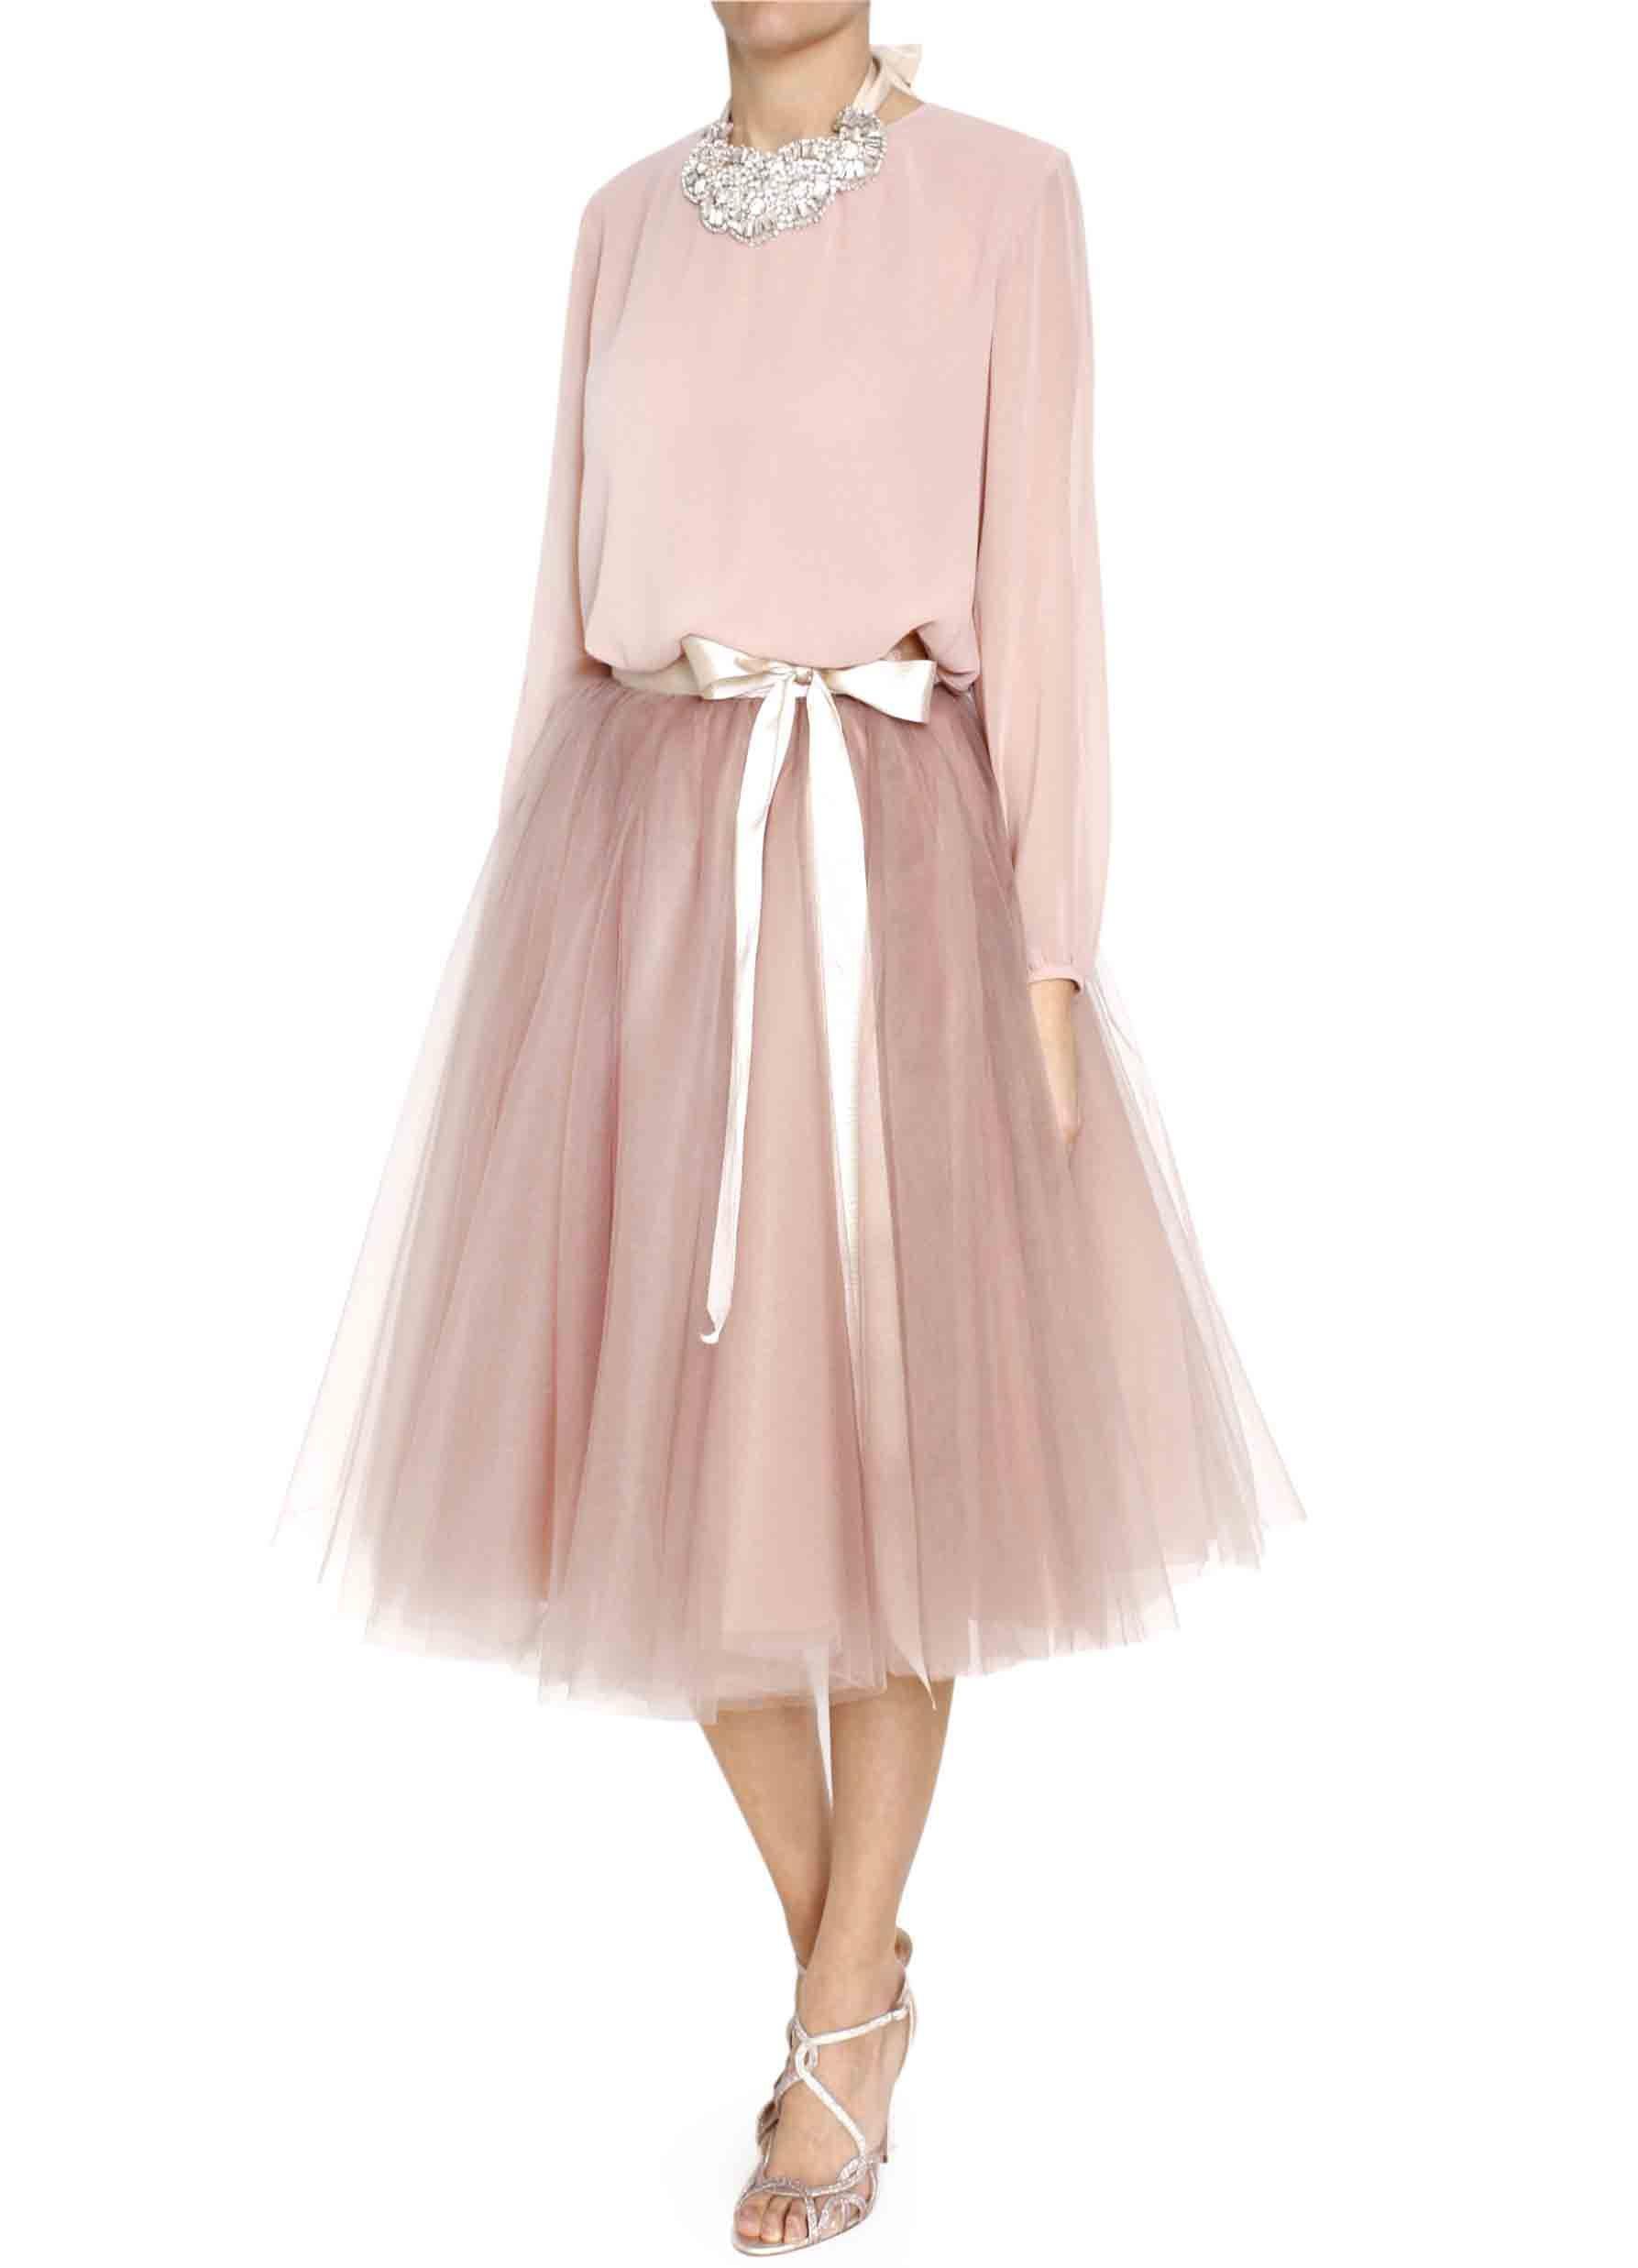 Bgo & me: Falda de tul en color malva empolvado con lazada beige ...